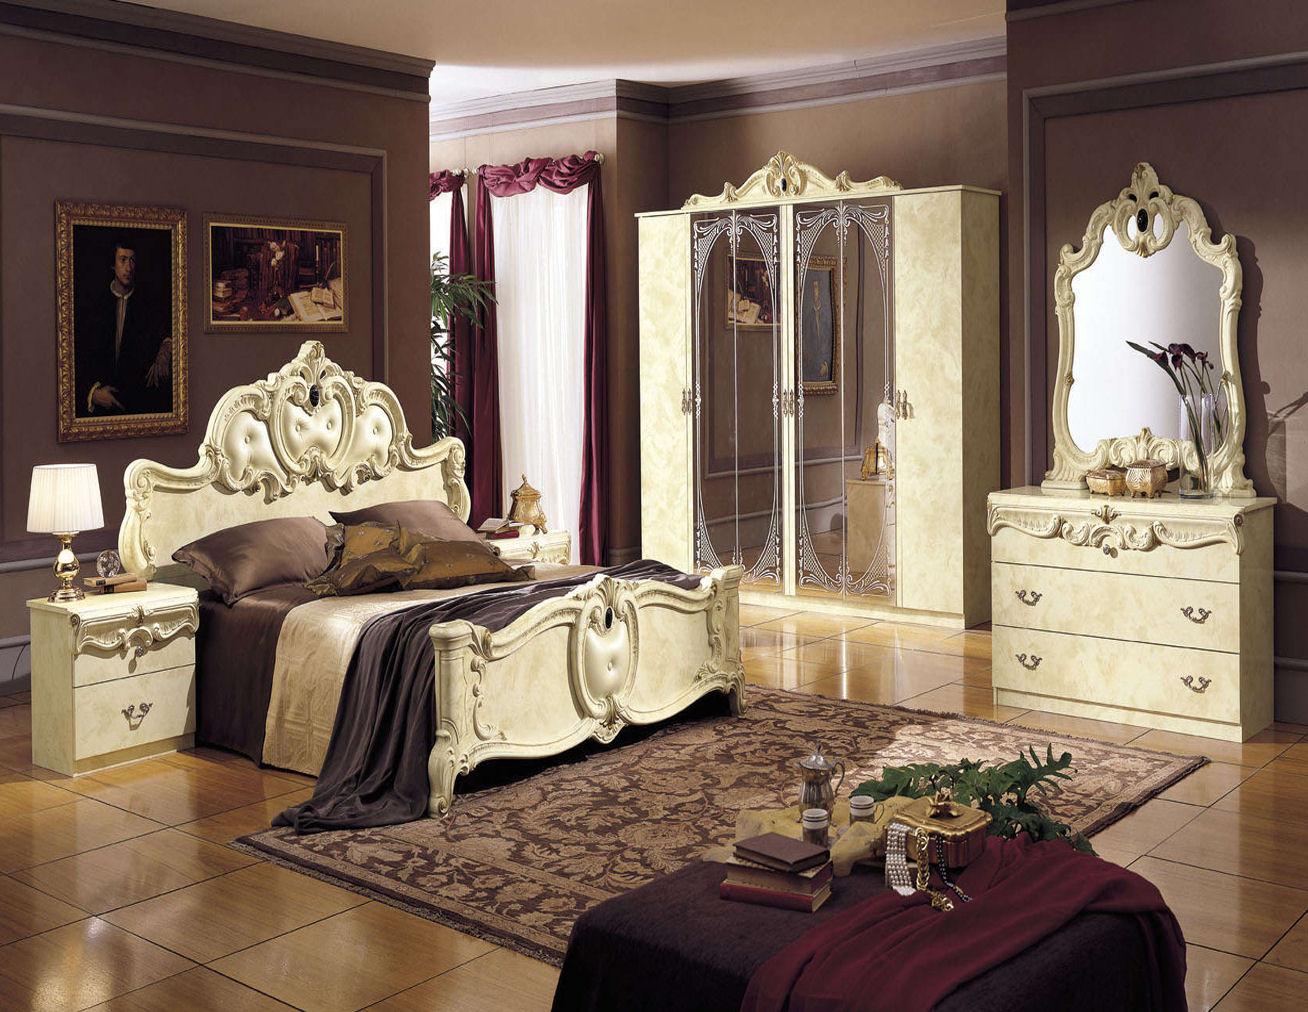 Спальня в стиле ренессанс: обращение к наследию античности